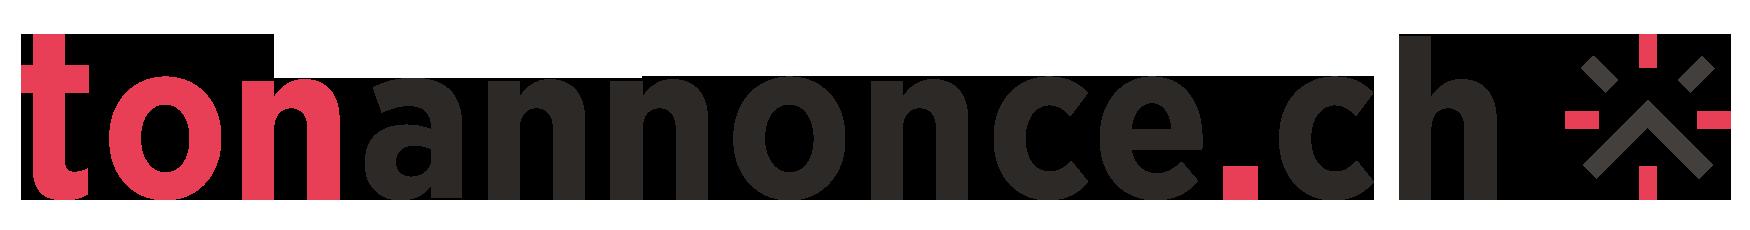 tonannonce.ch